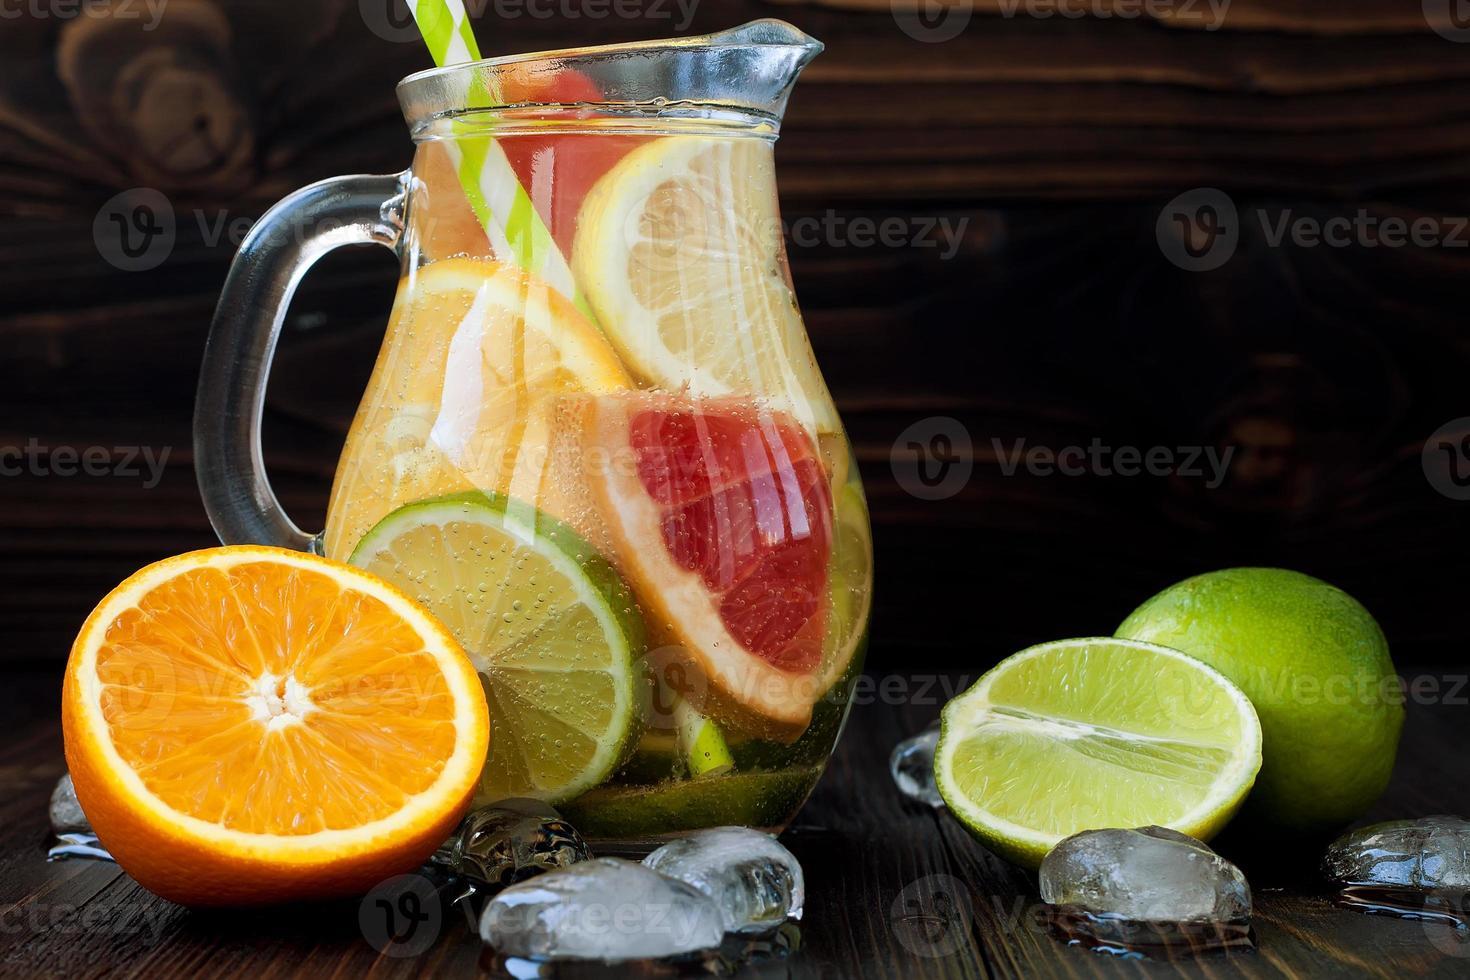 desintoxicar el agua cítrica. refrescante limonada casera de verano foto